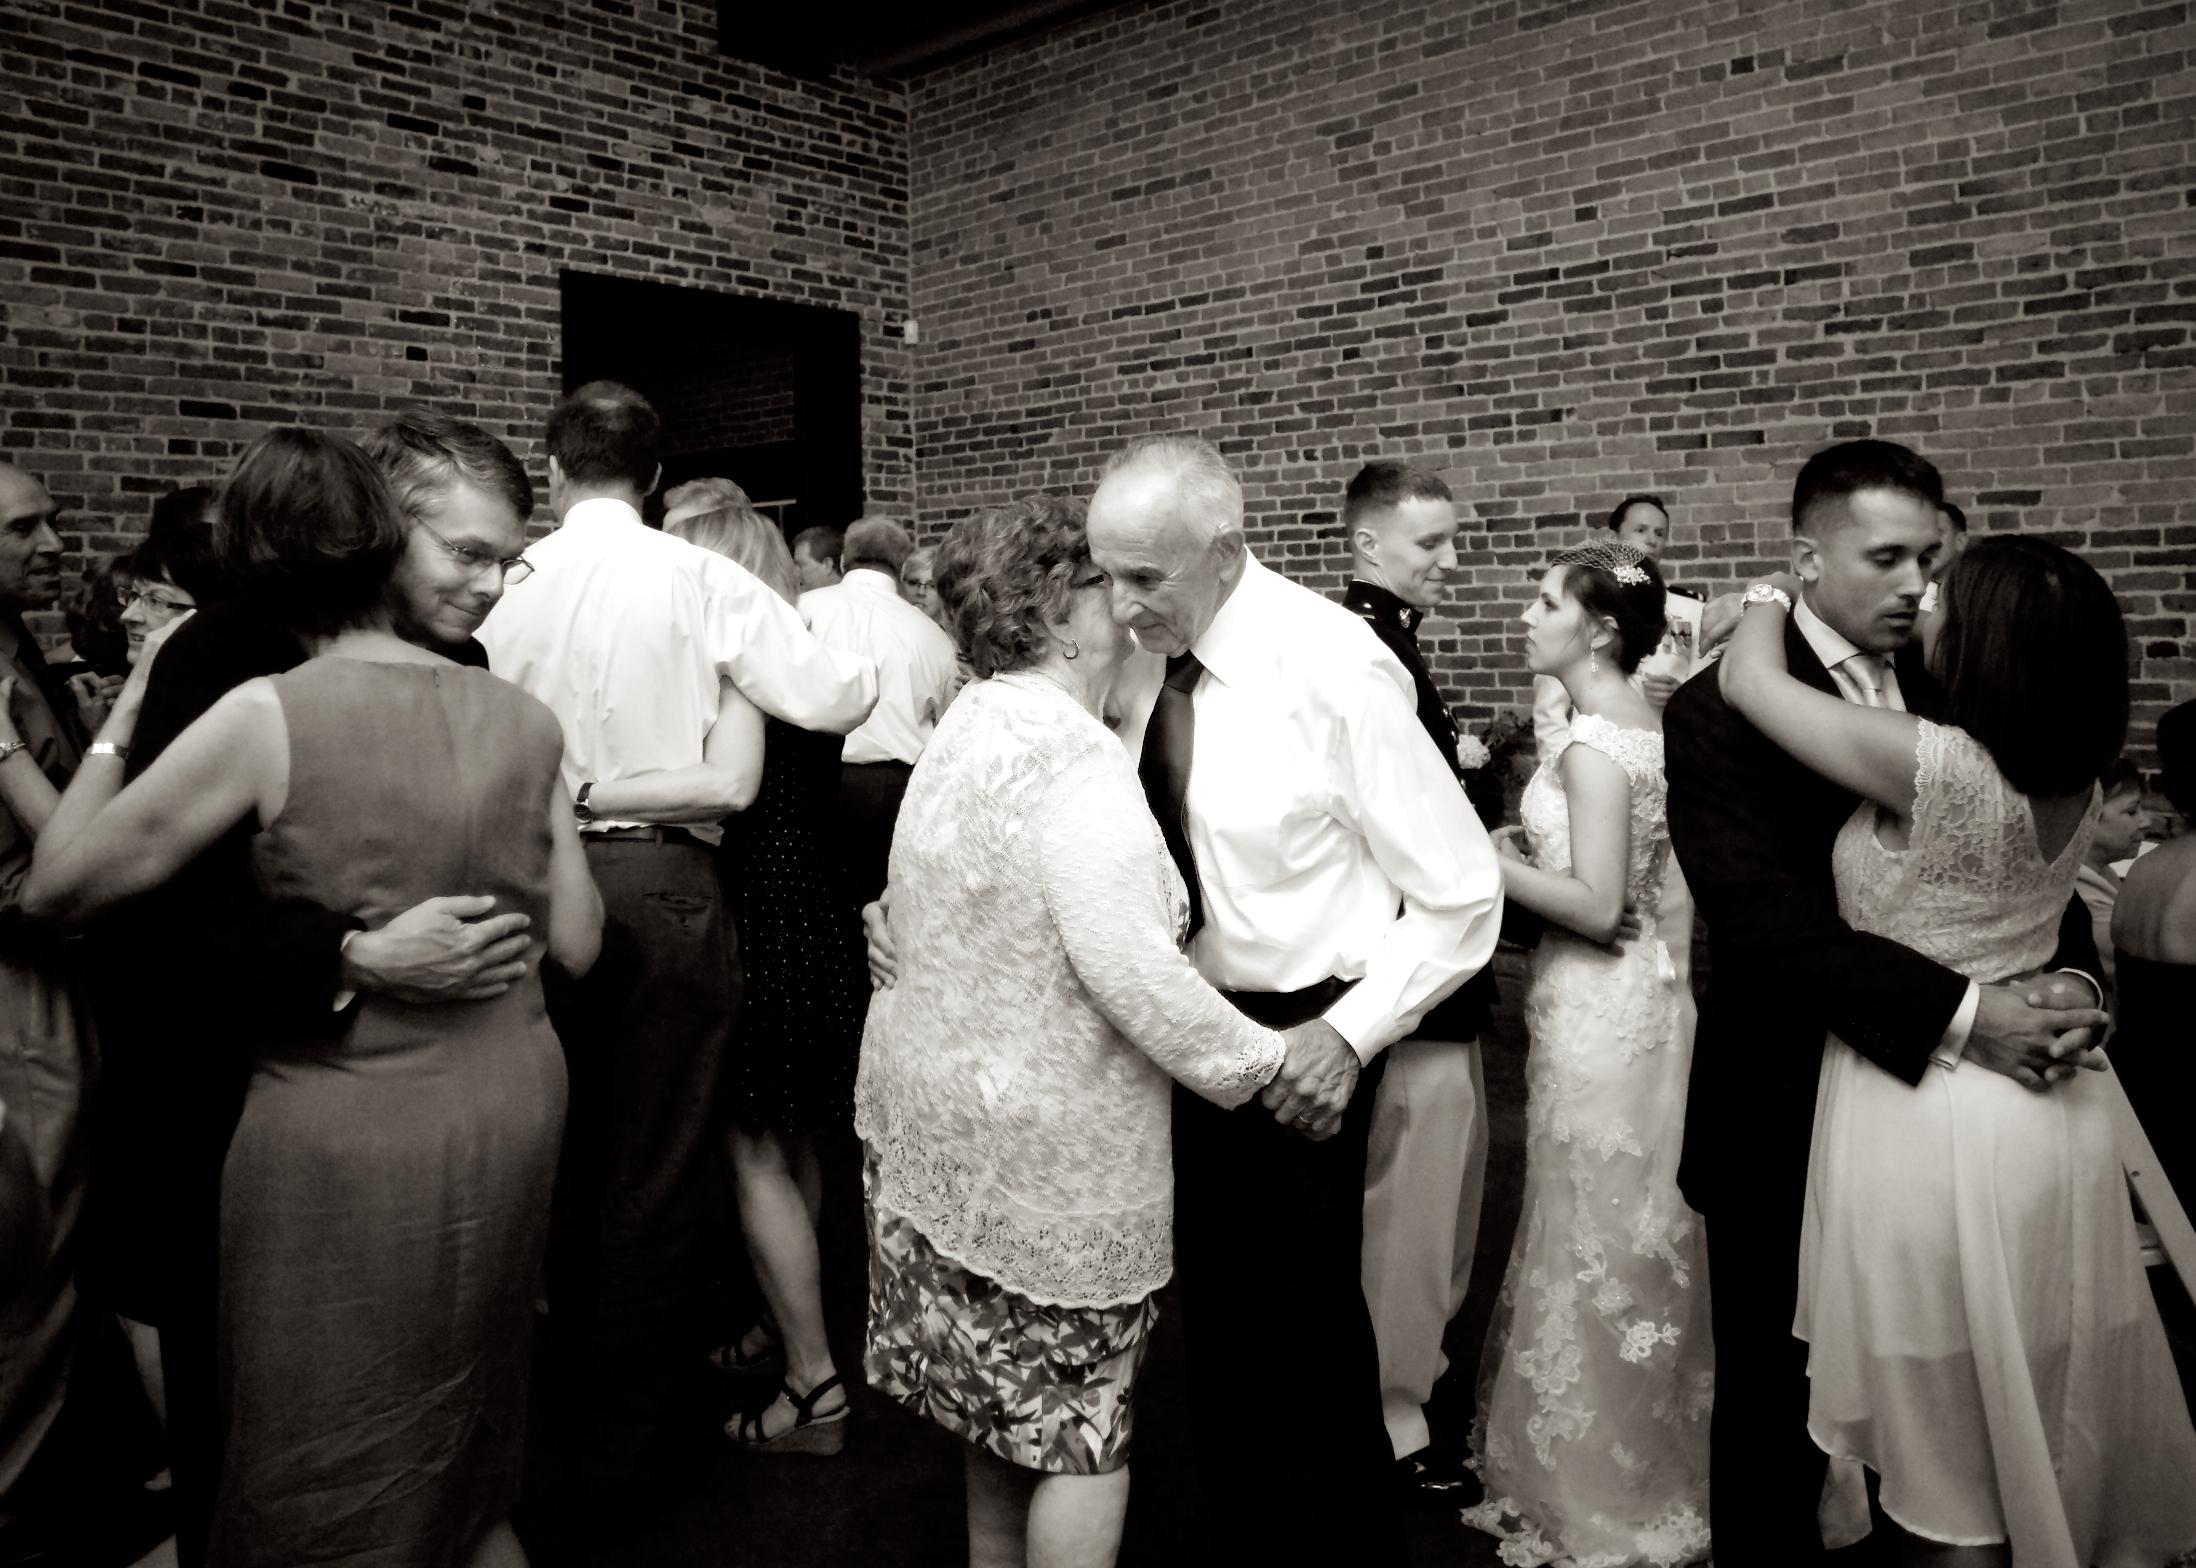 Wedding388.jpg